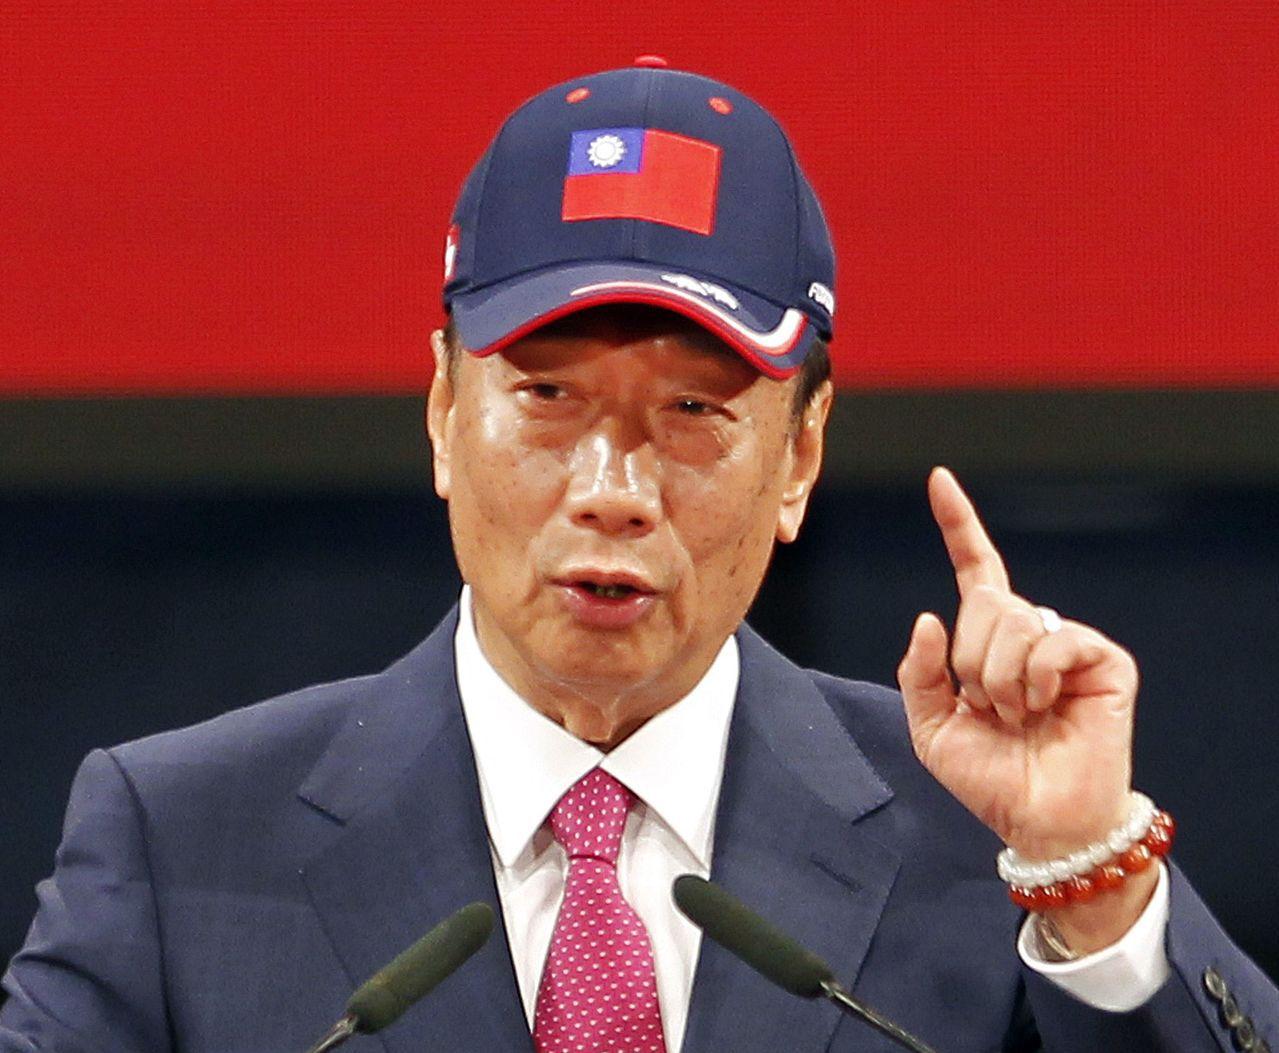 郭台銘上午臉書再度發文,指他這次參加國民黨總統初選,就是要把大家從民進黨的假民主...